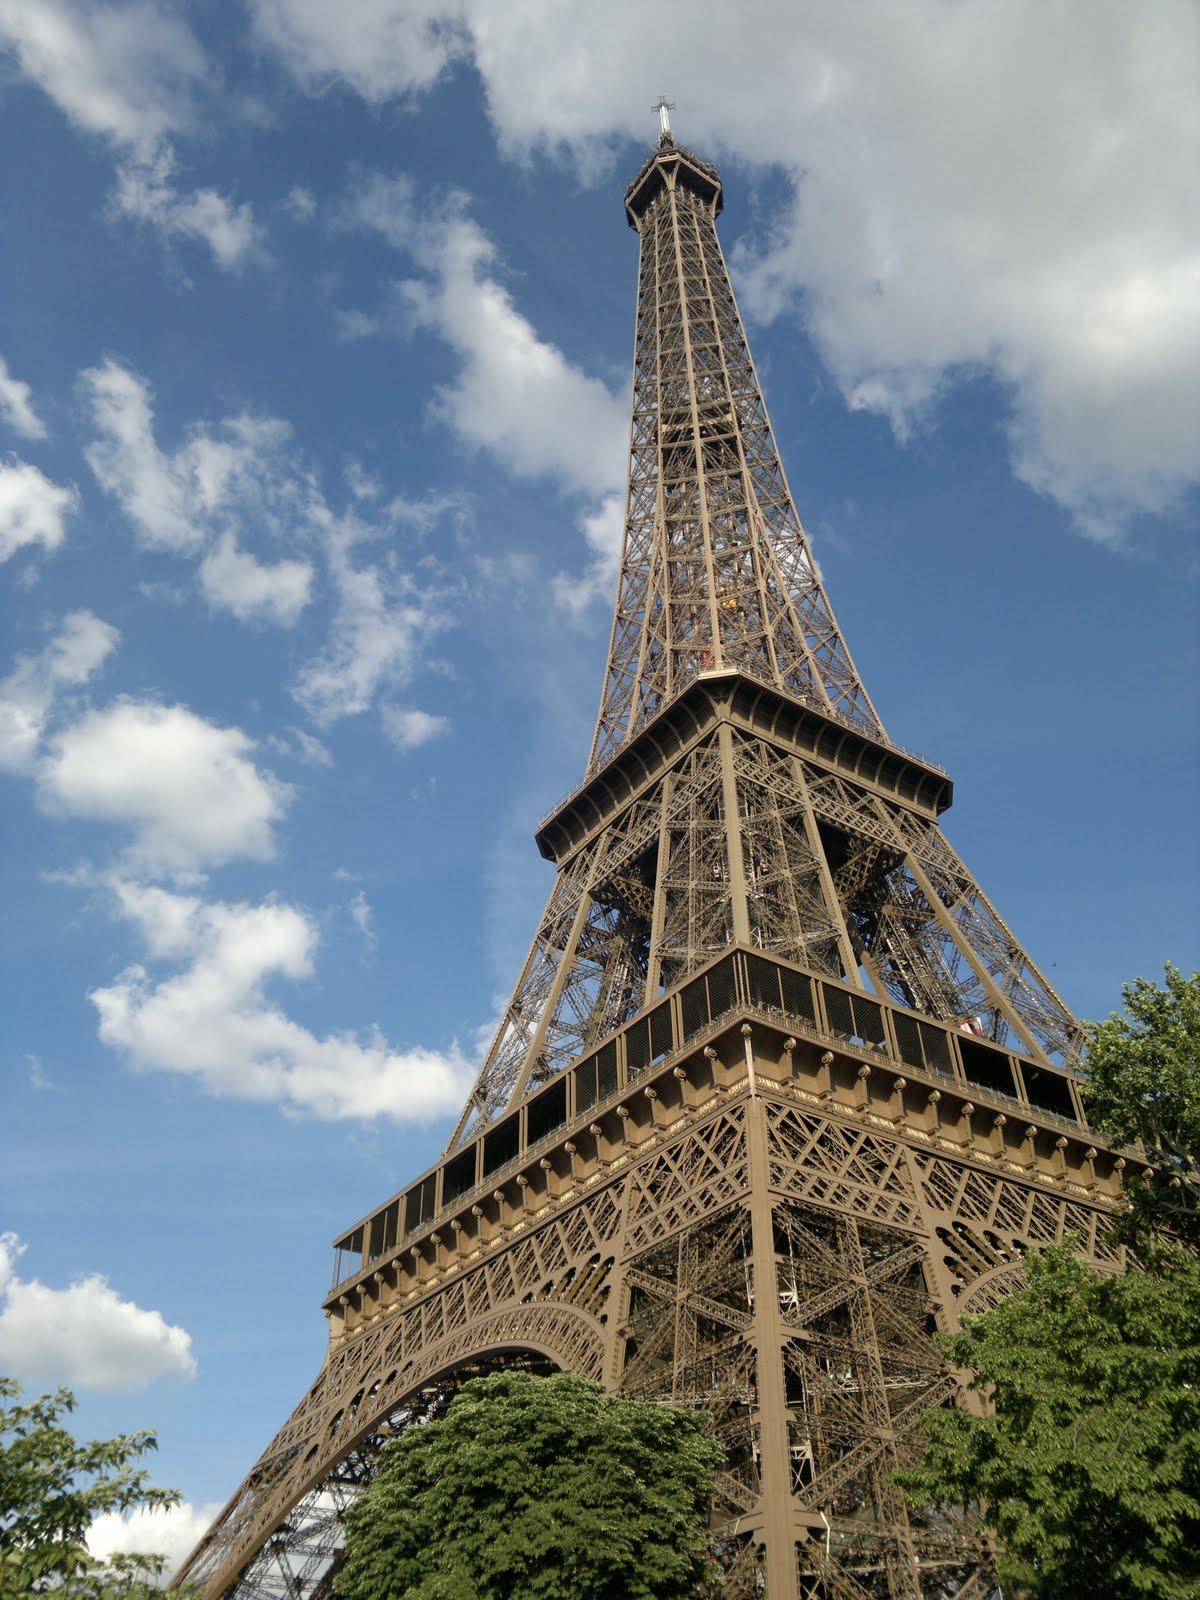 பிரான்ஸ் ஈபிள் டவர் (Eiffel Tower) Rajeevan1019